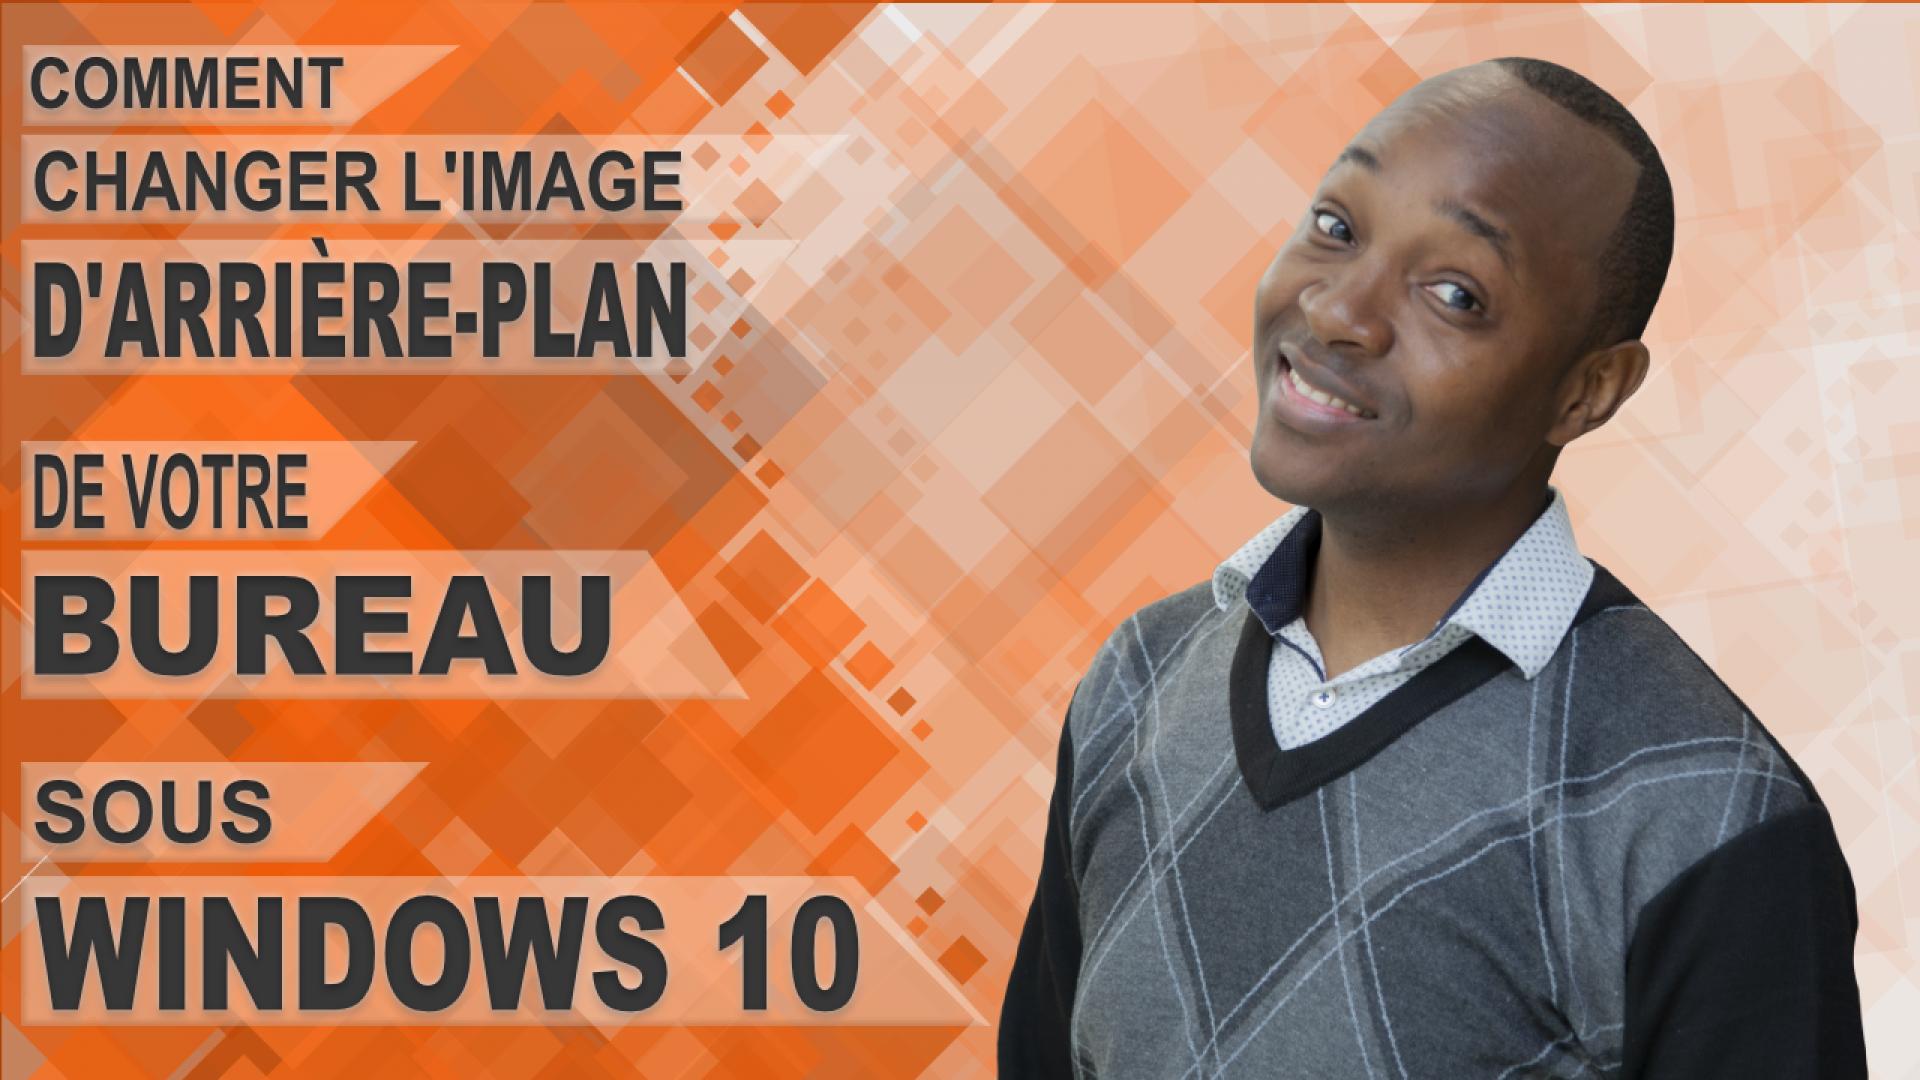 Changer l'image d'arrière-plan de votre bureau sous Windows 10